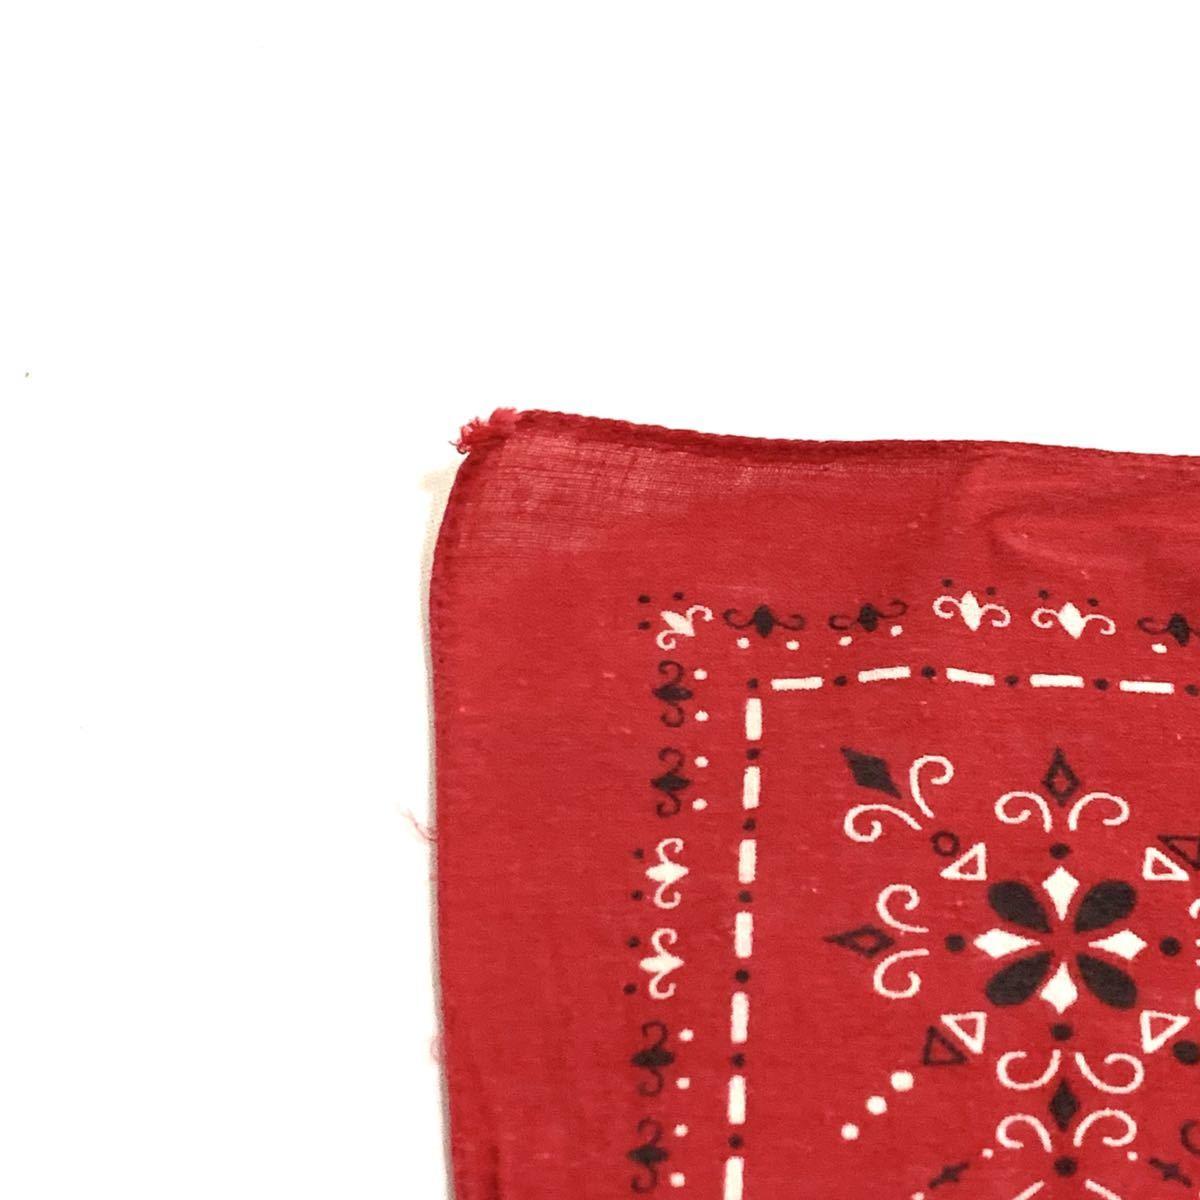 ■60s 60年代 FAST COLOR エレファントブランド 上鼻 幾何学模様 耳付き ビンテージ バンダナ 古着雑貨 小物 リメイク生地 ファブリック■_画像4